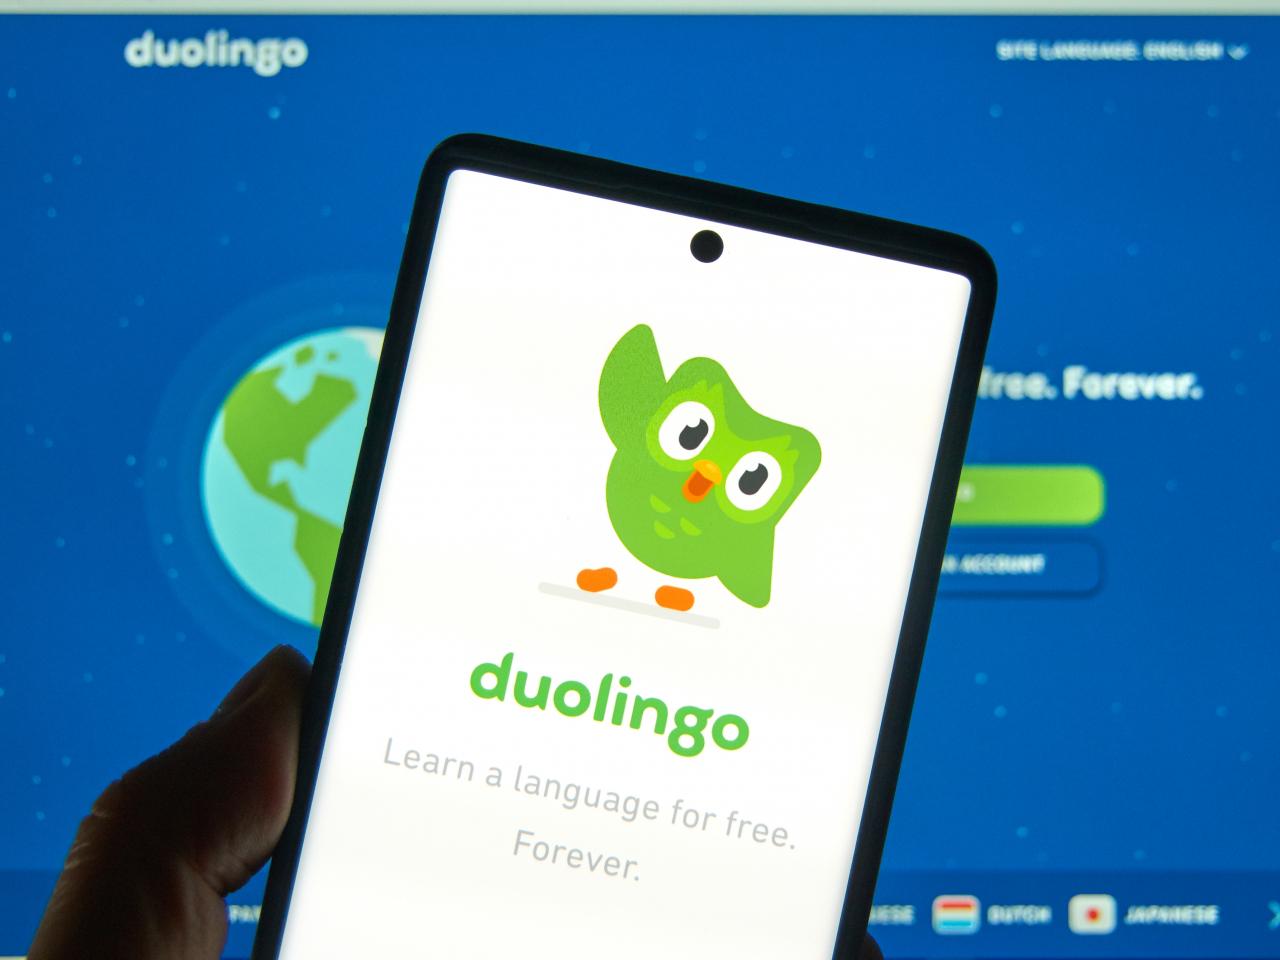 Ansicht der Sprachlern-App Duolingo